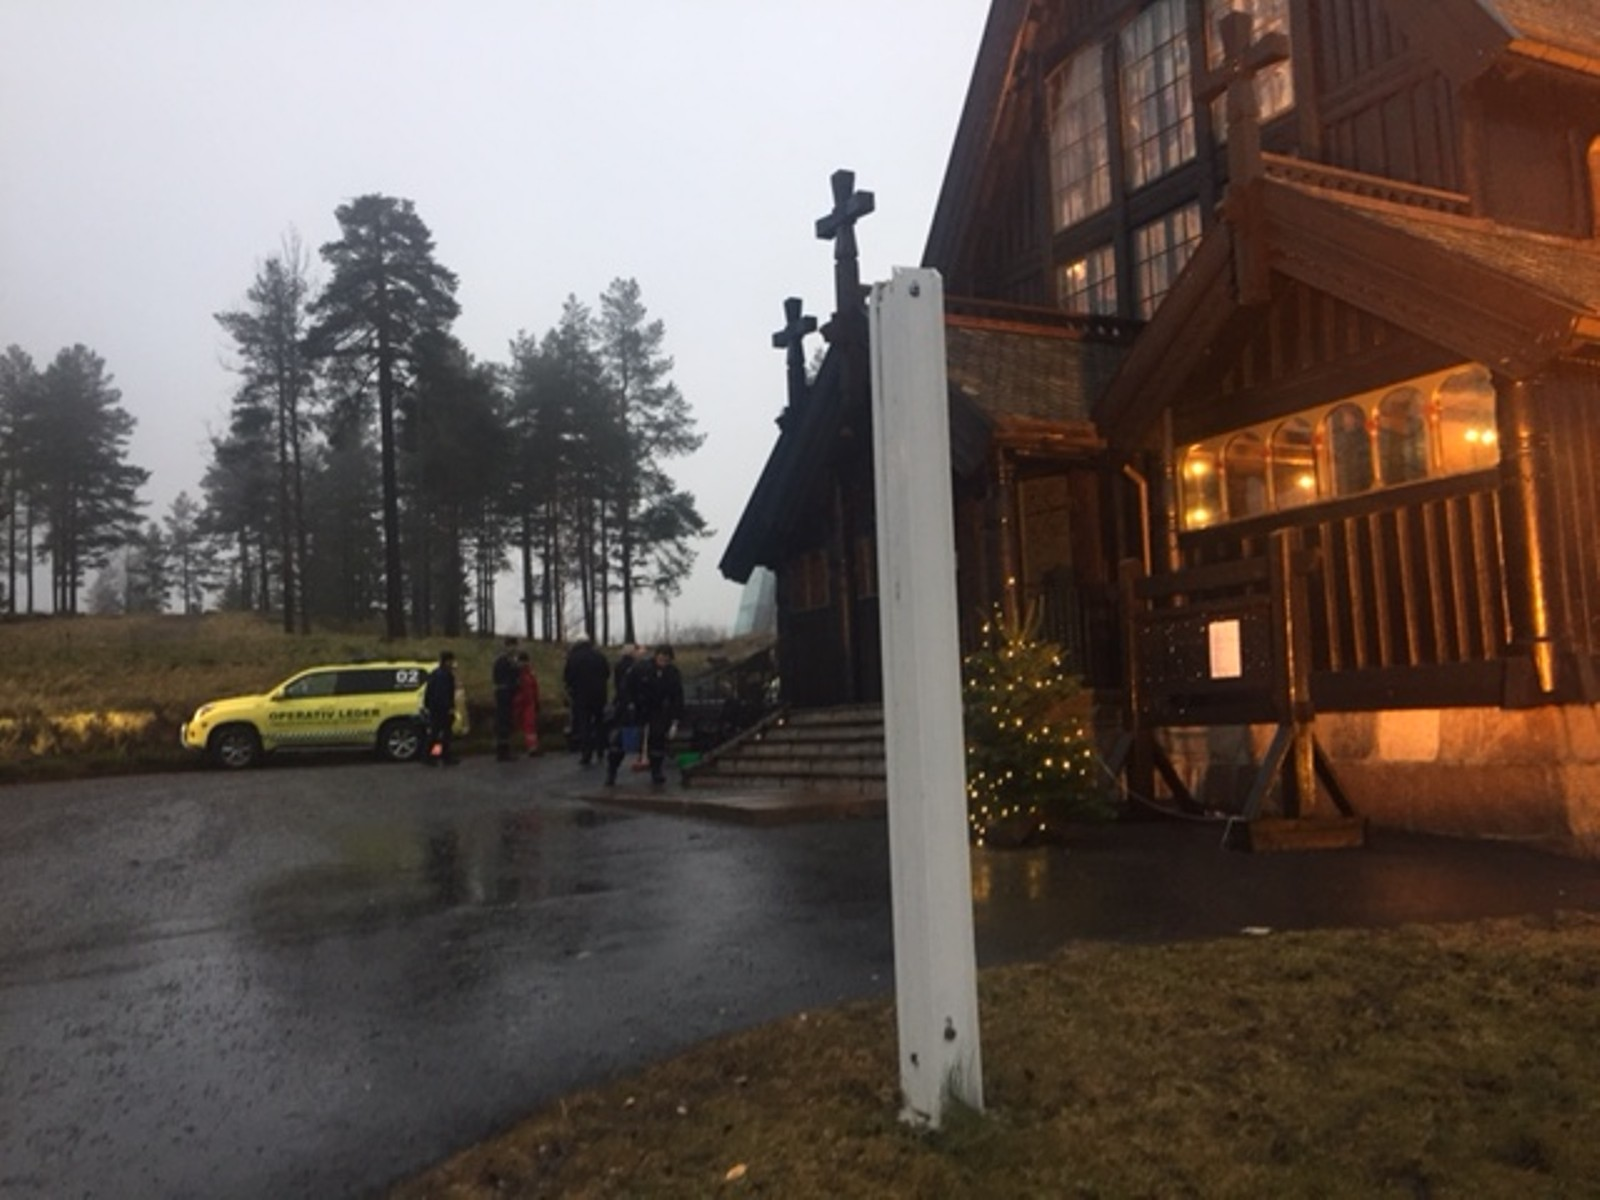 – Det blåste kraftig her, og flagget er forholdsvis stort. Det brakk visstnok på toppen av festet, sier organist Petter Amundsen til NRK.